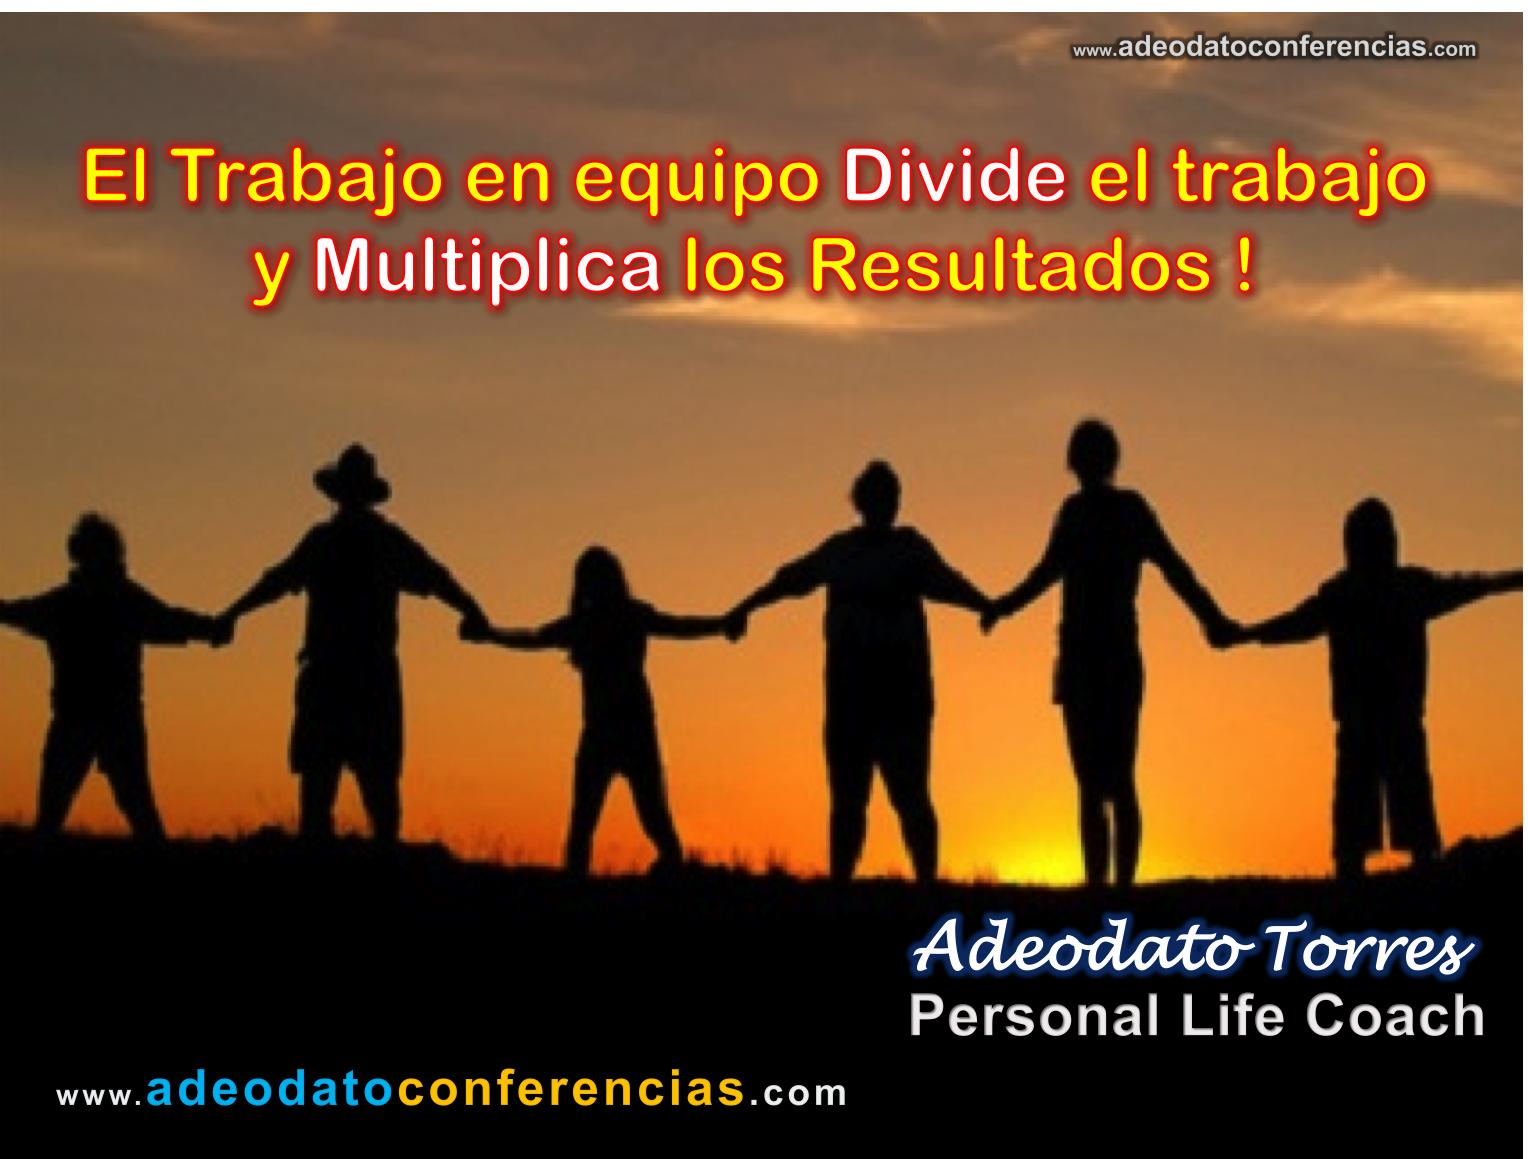 Reflexiones Adeodato Torres Life Coach